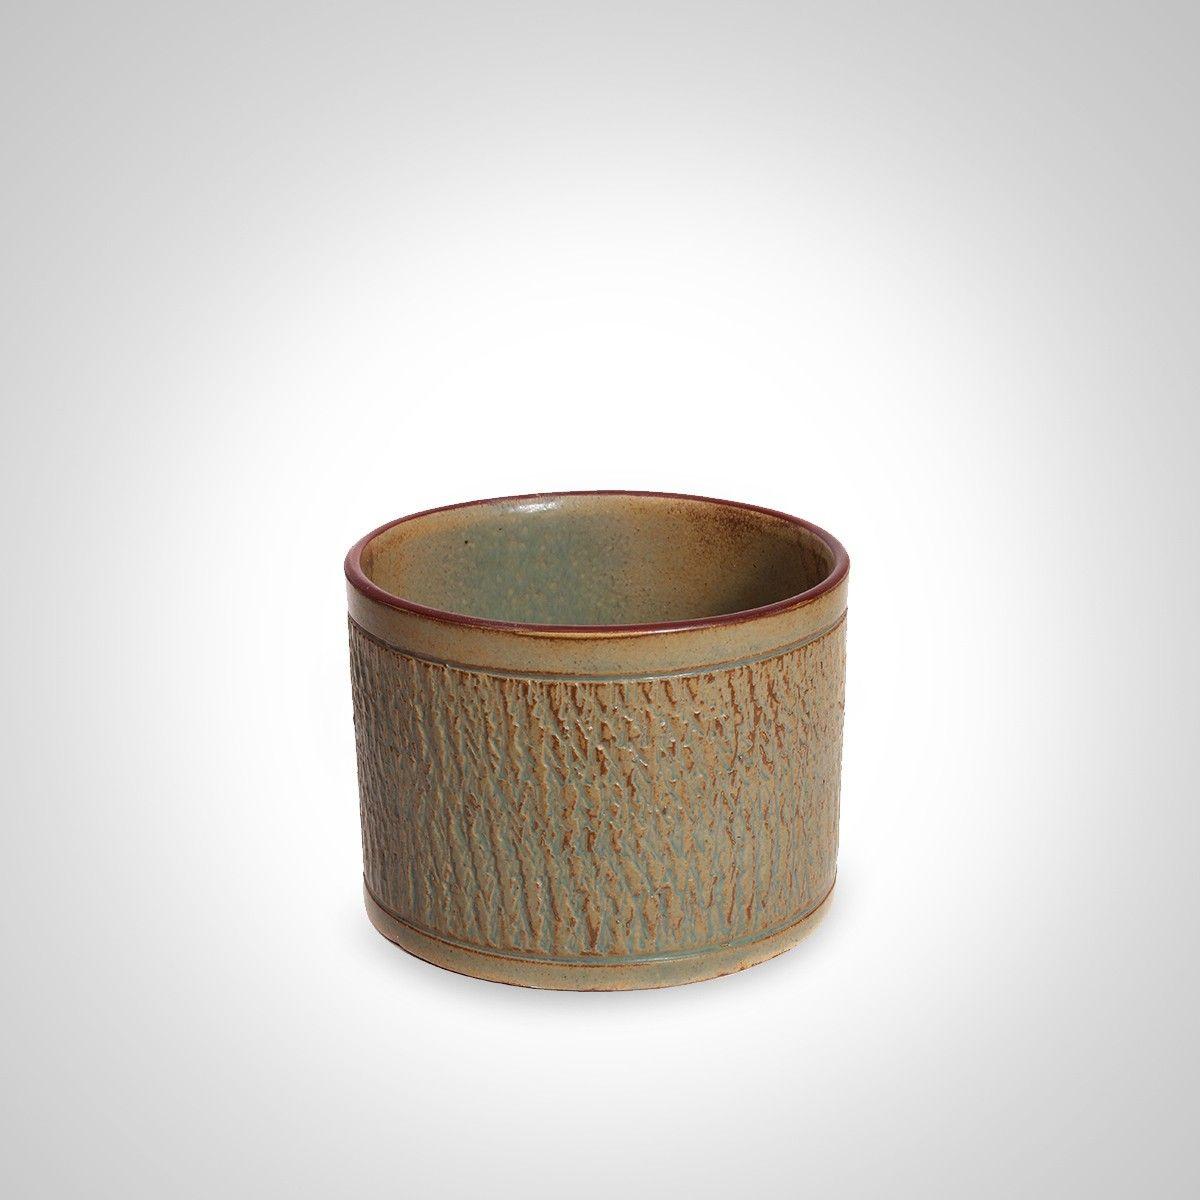 Sea grass ceramic keeper